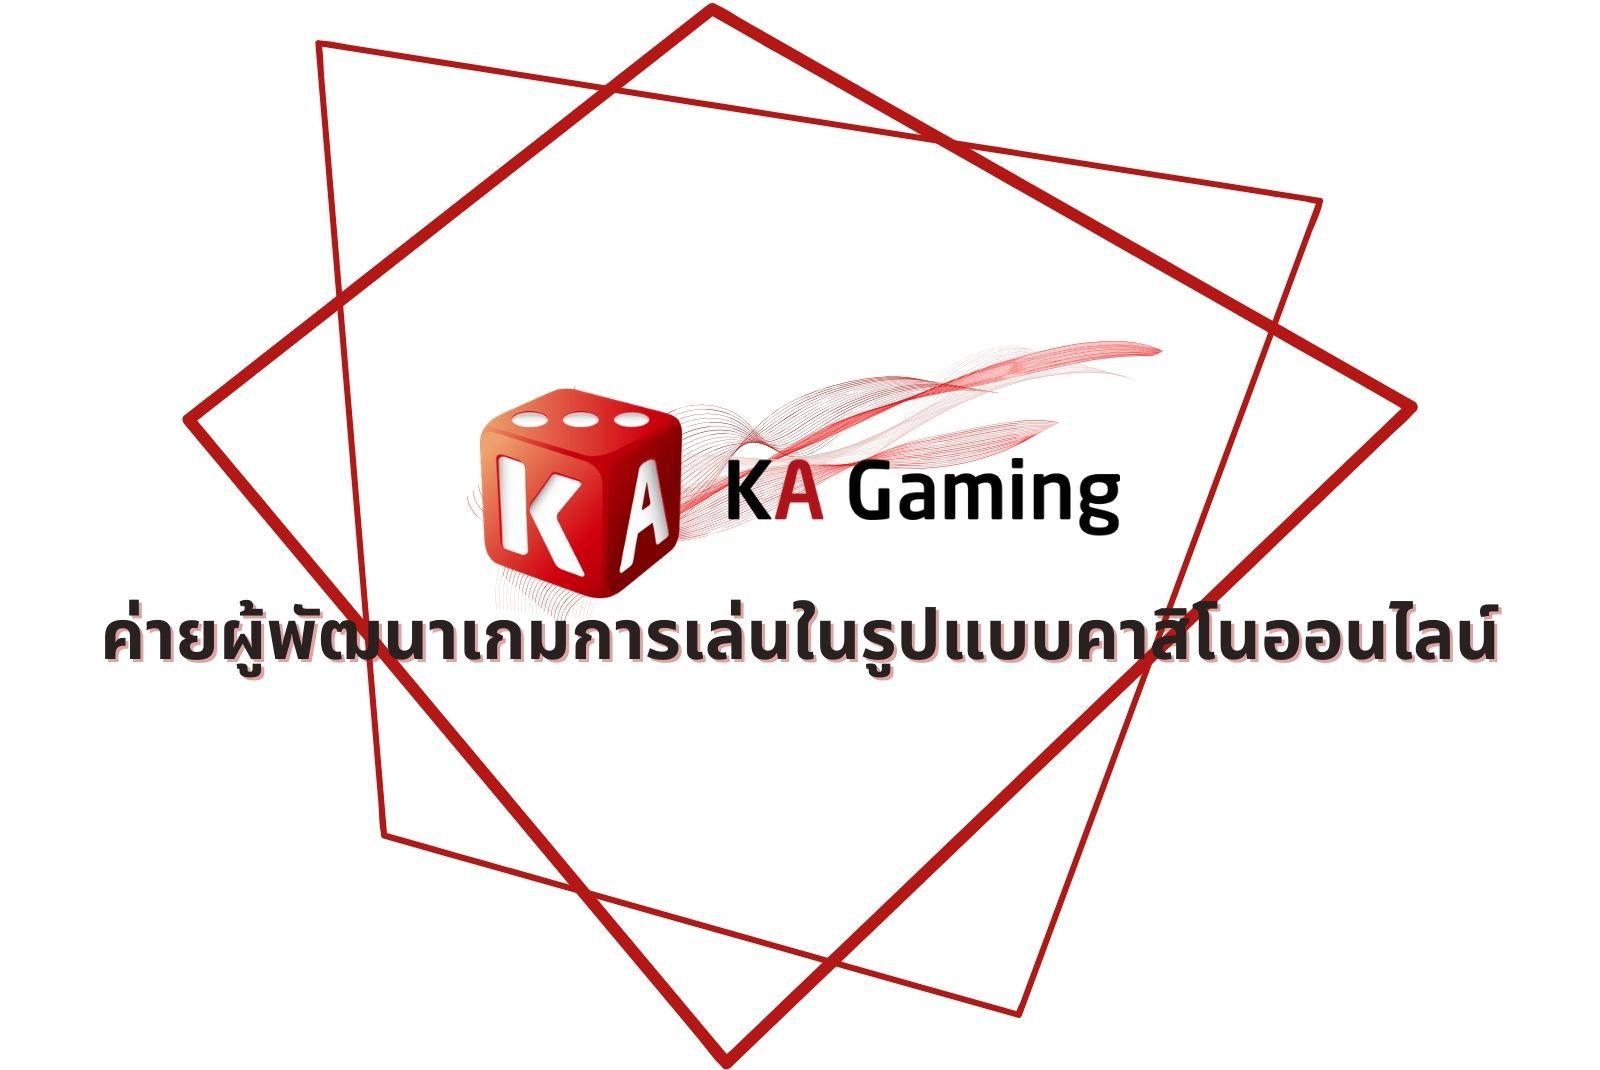 KA gaming ค่ายผู้พัฒนาเกมการเล่นในรูปแบบคาสิโนออนไลน์